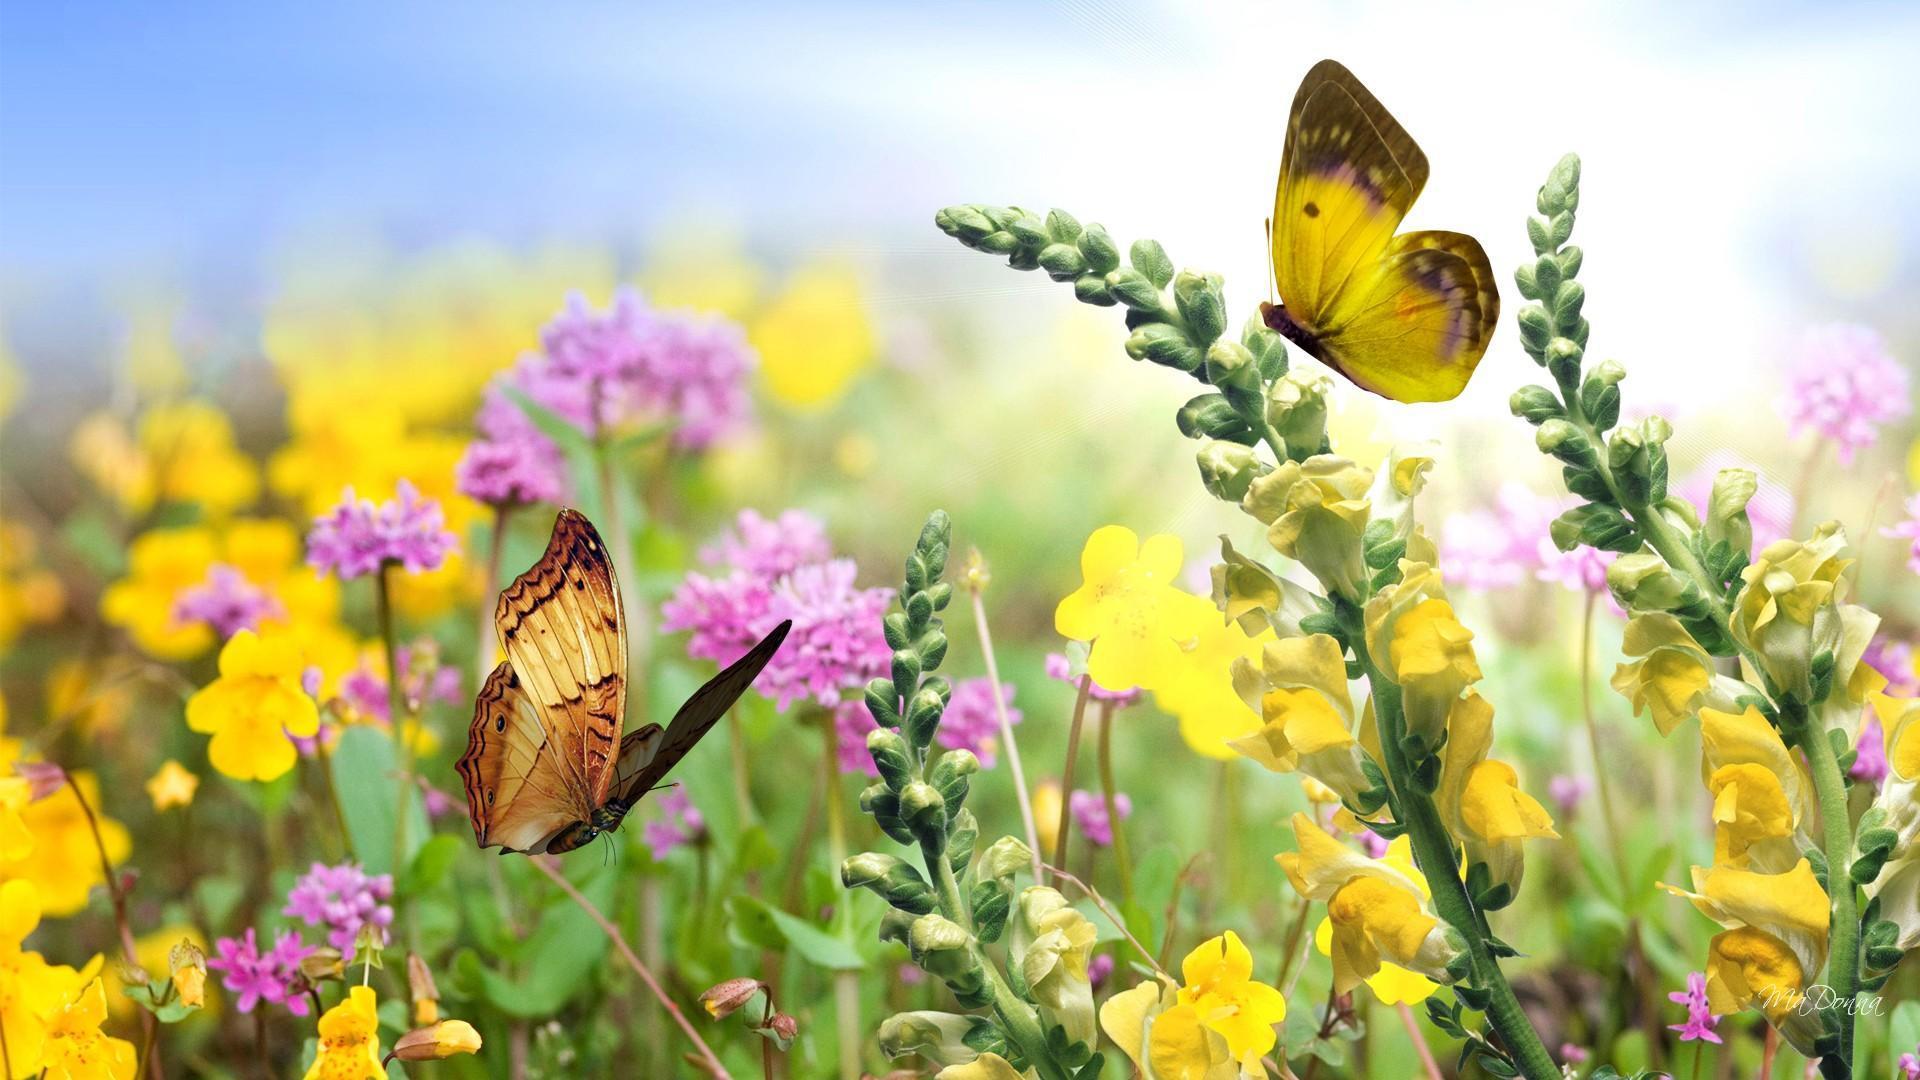 1920x1080 hình nền vườn bướm mùa hè vườn hình nền 1080p - A